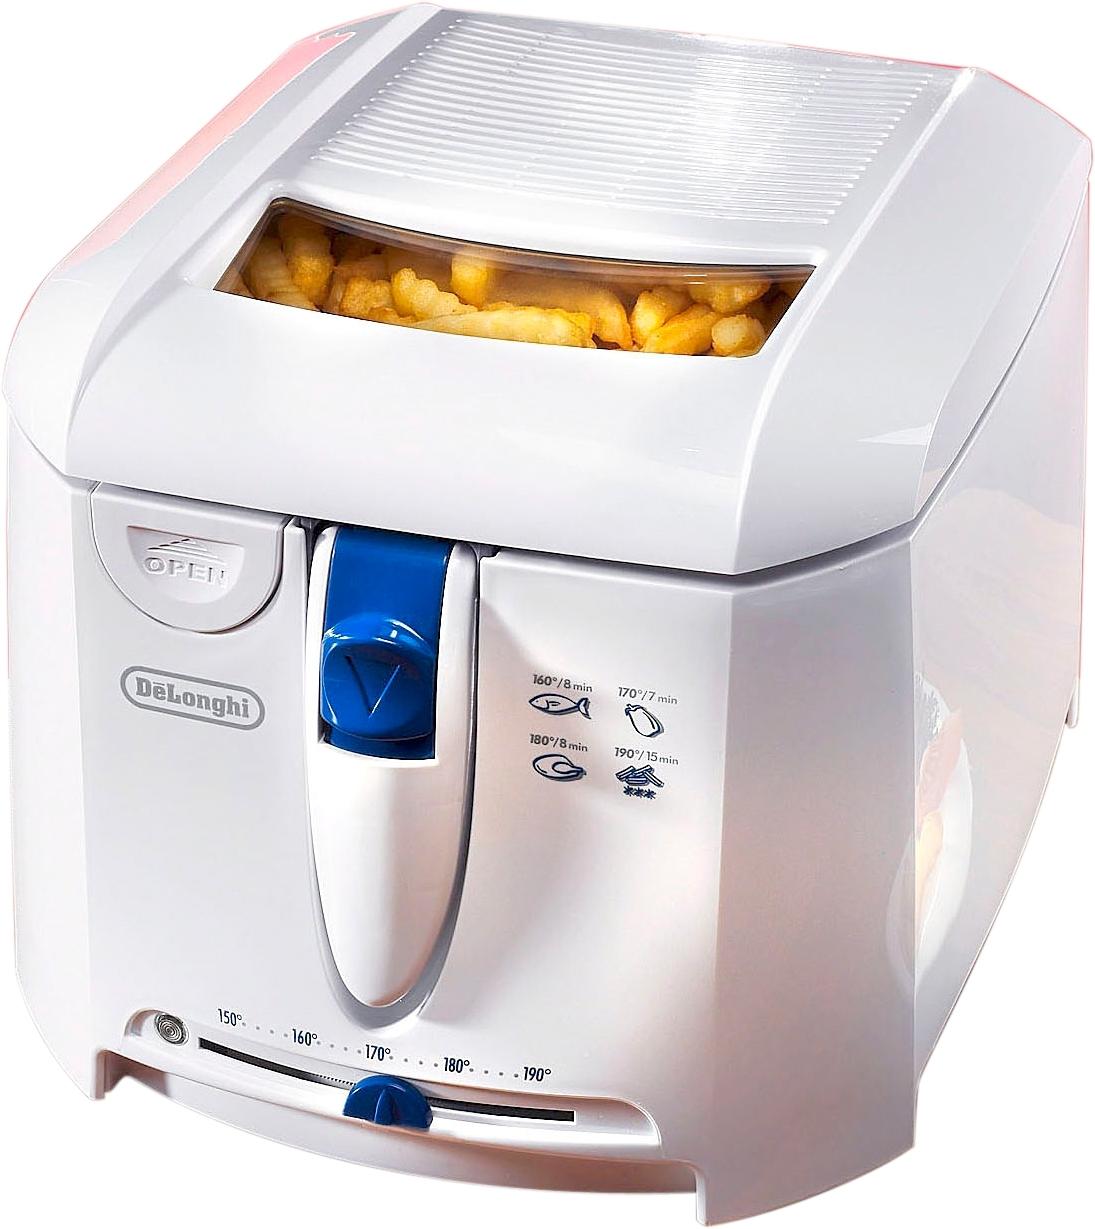 Op zoek naar een De'Longhi Friteuse F 27201 Inhoud 1 kg, afneembare en afwasbare friteusedeksel? Koop online bij OTTO